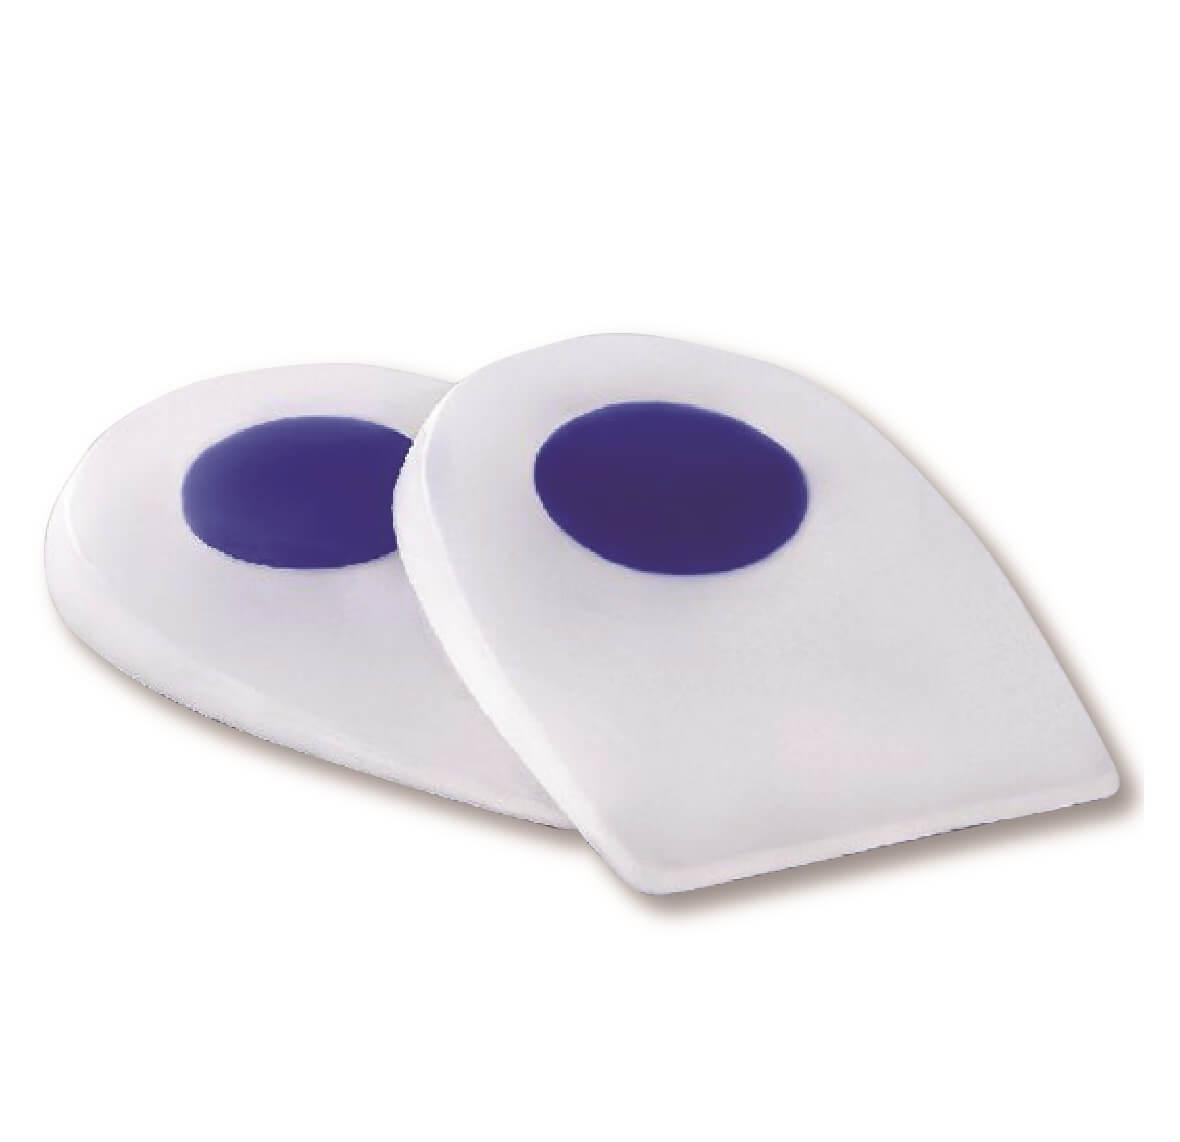 Силиконовые подпяточники Qmed Silicone heel pads I307